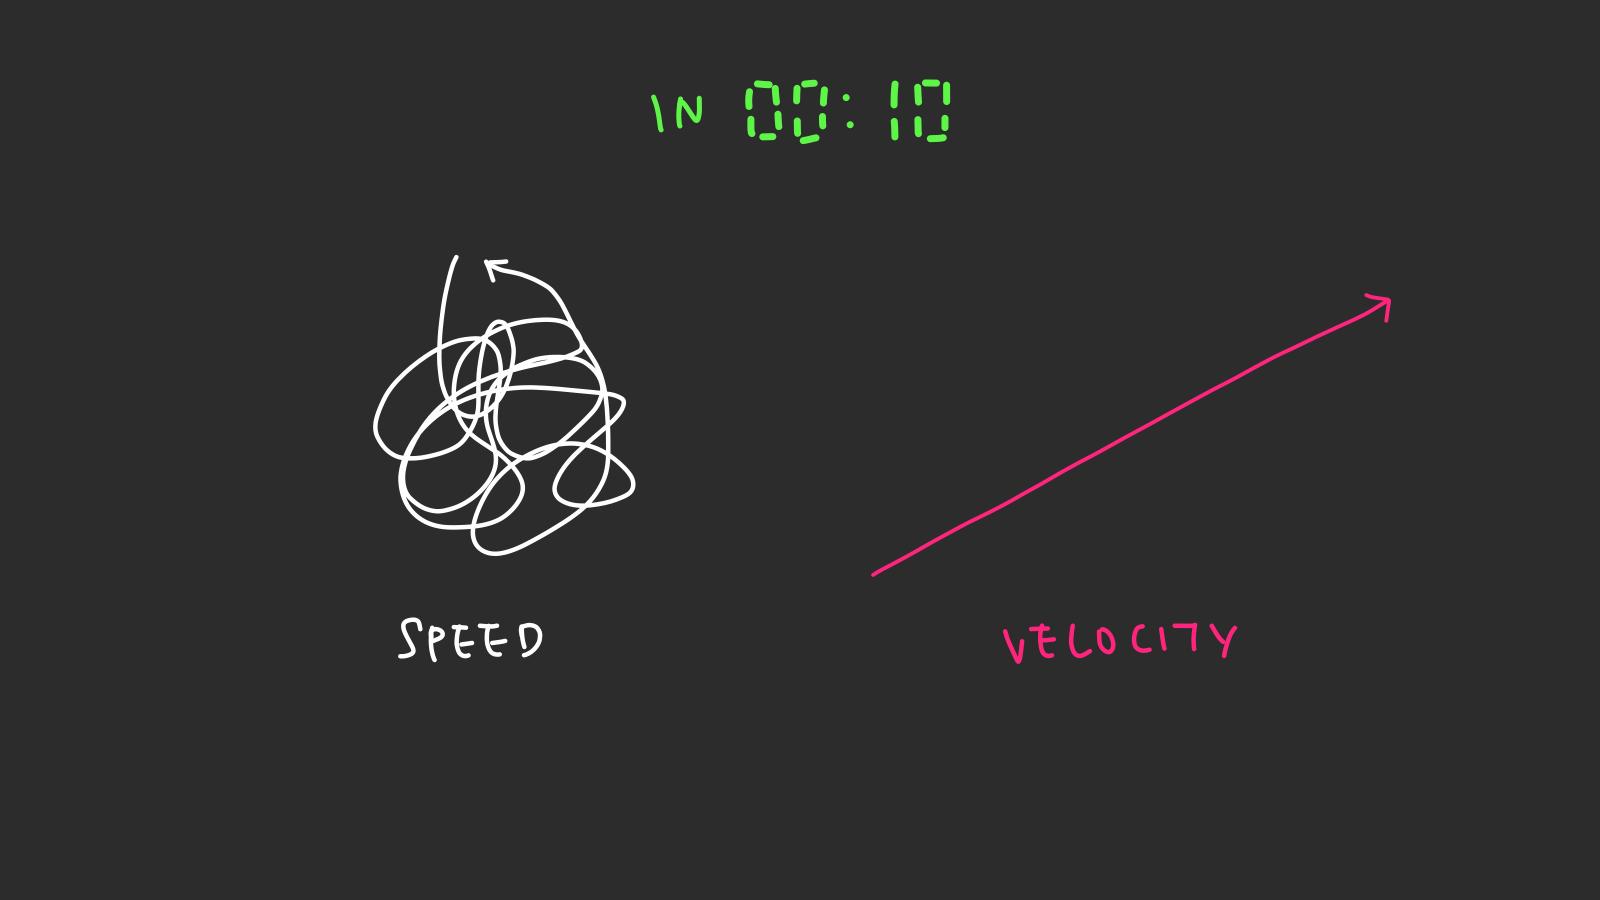 velocity-speed